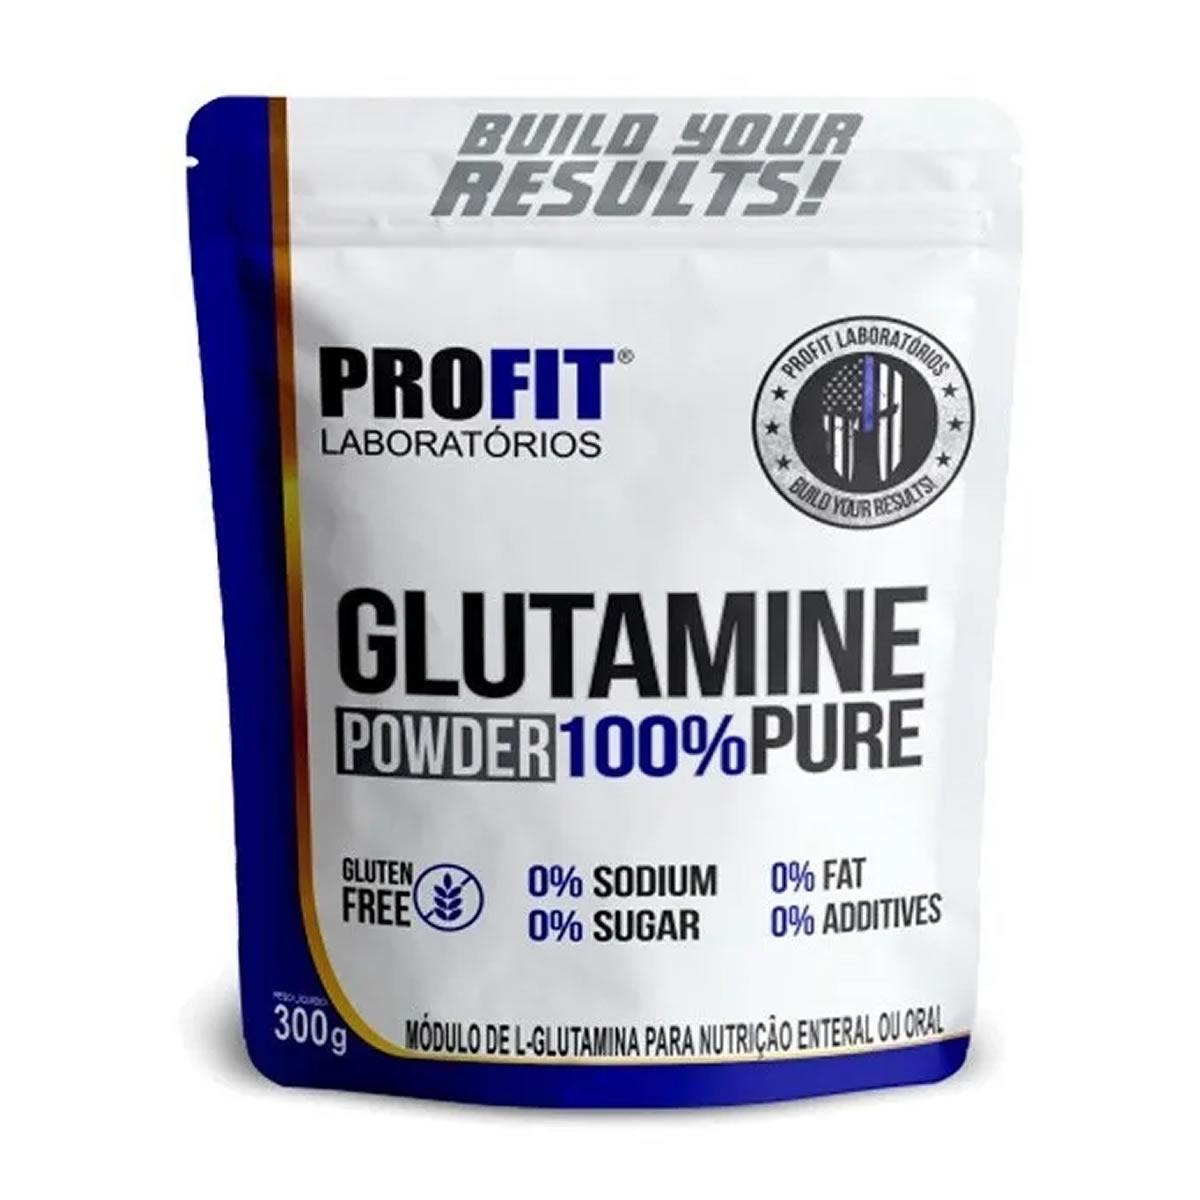 Glutamine Powder 100% Pure 300g - Profit Labs